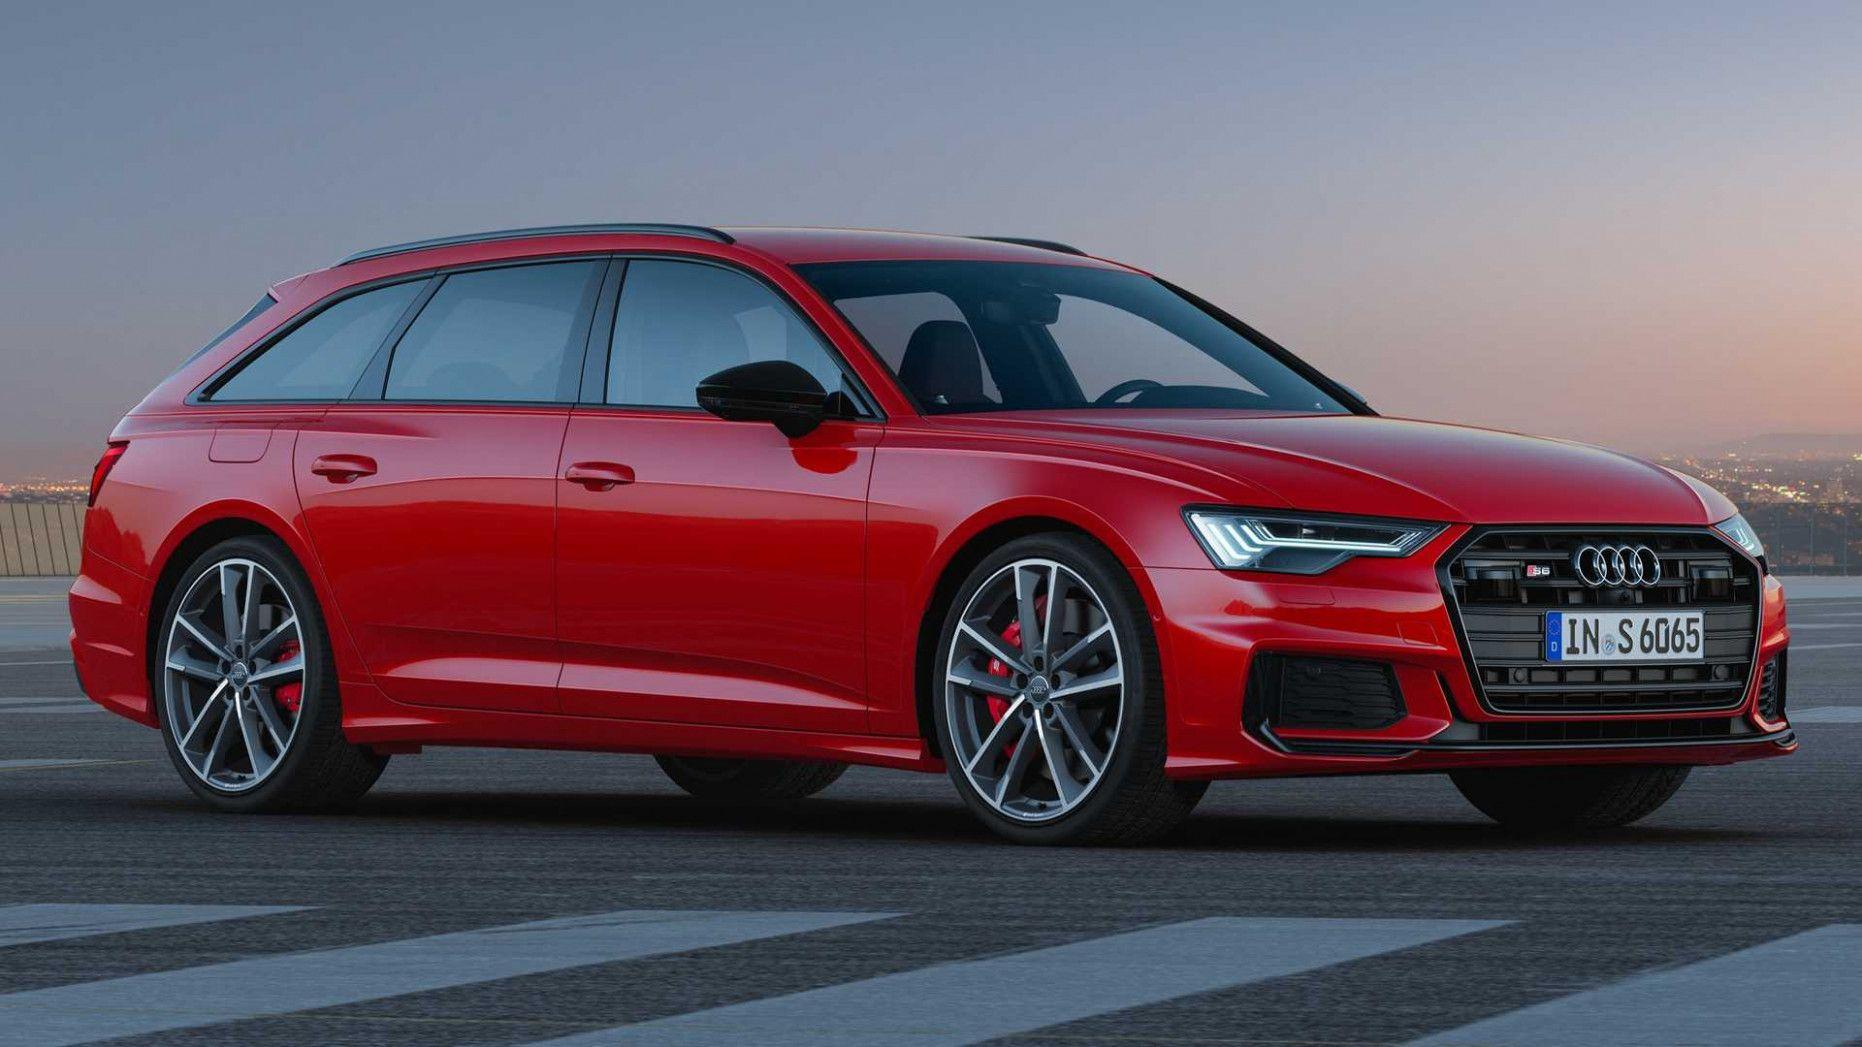 2020 Audi S6 0 60 Audi S6 Audi Tdi Audi